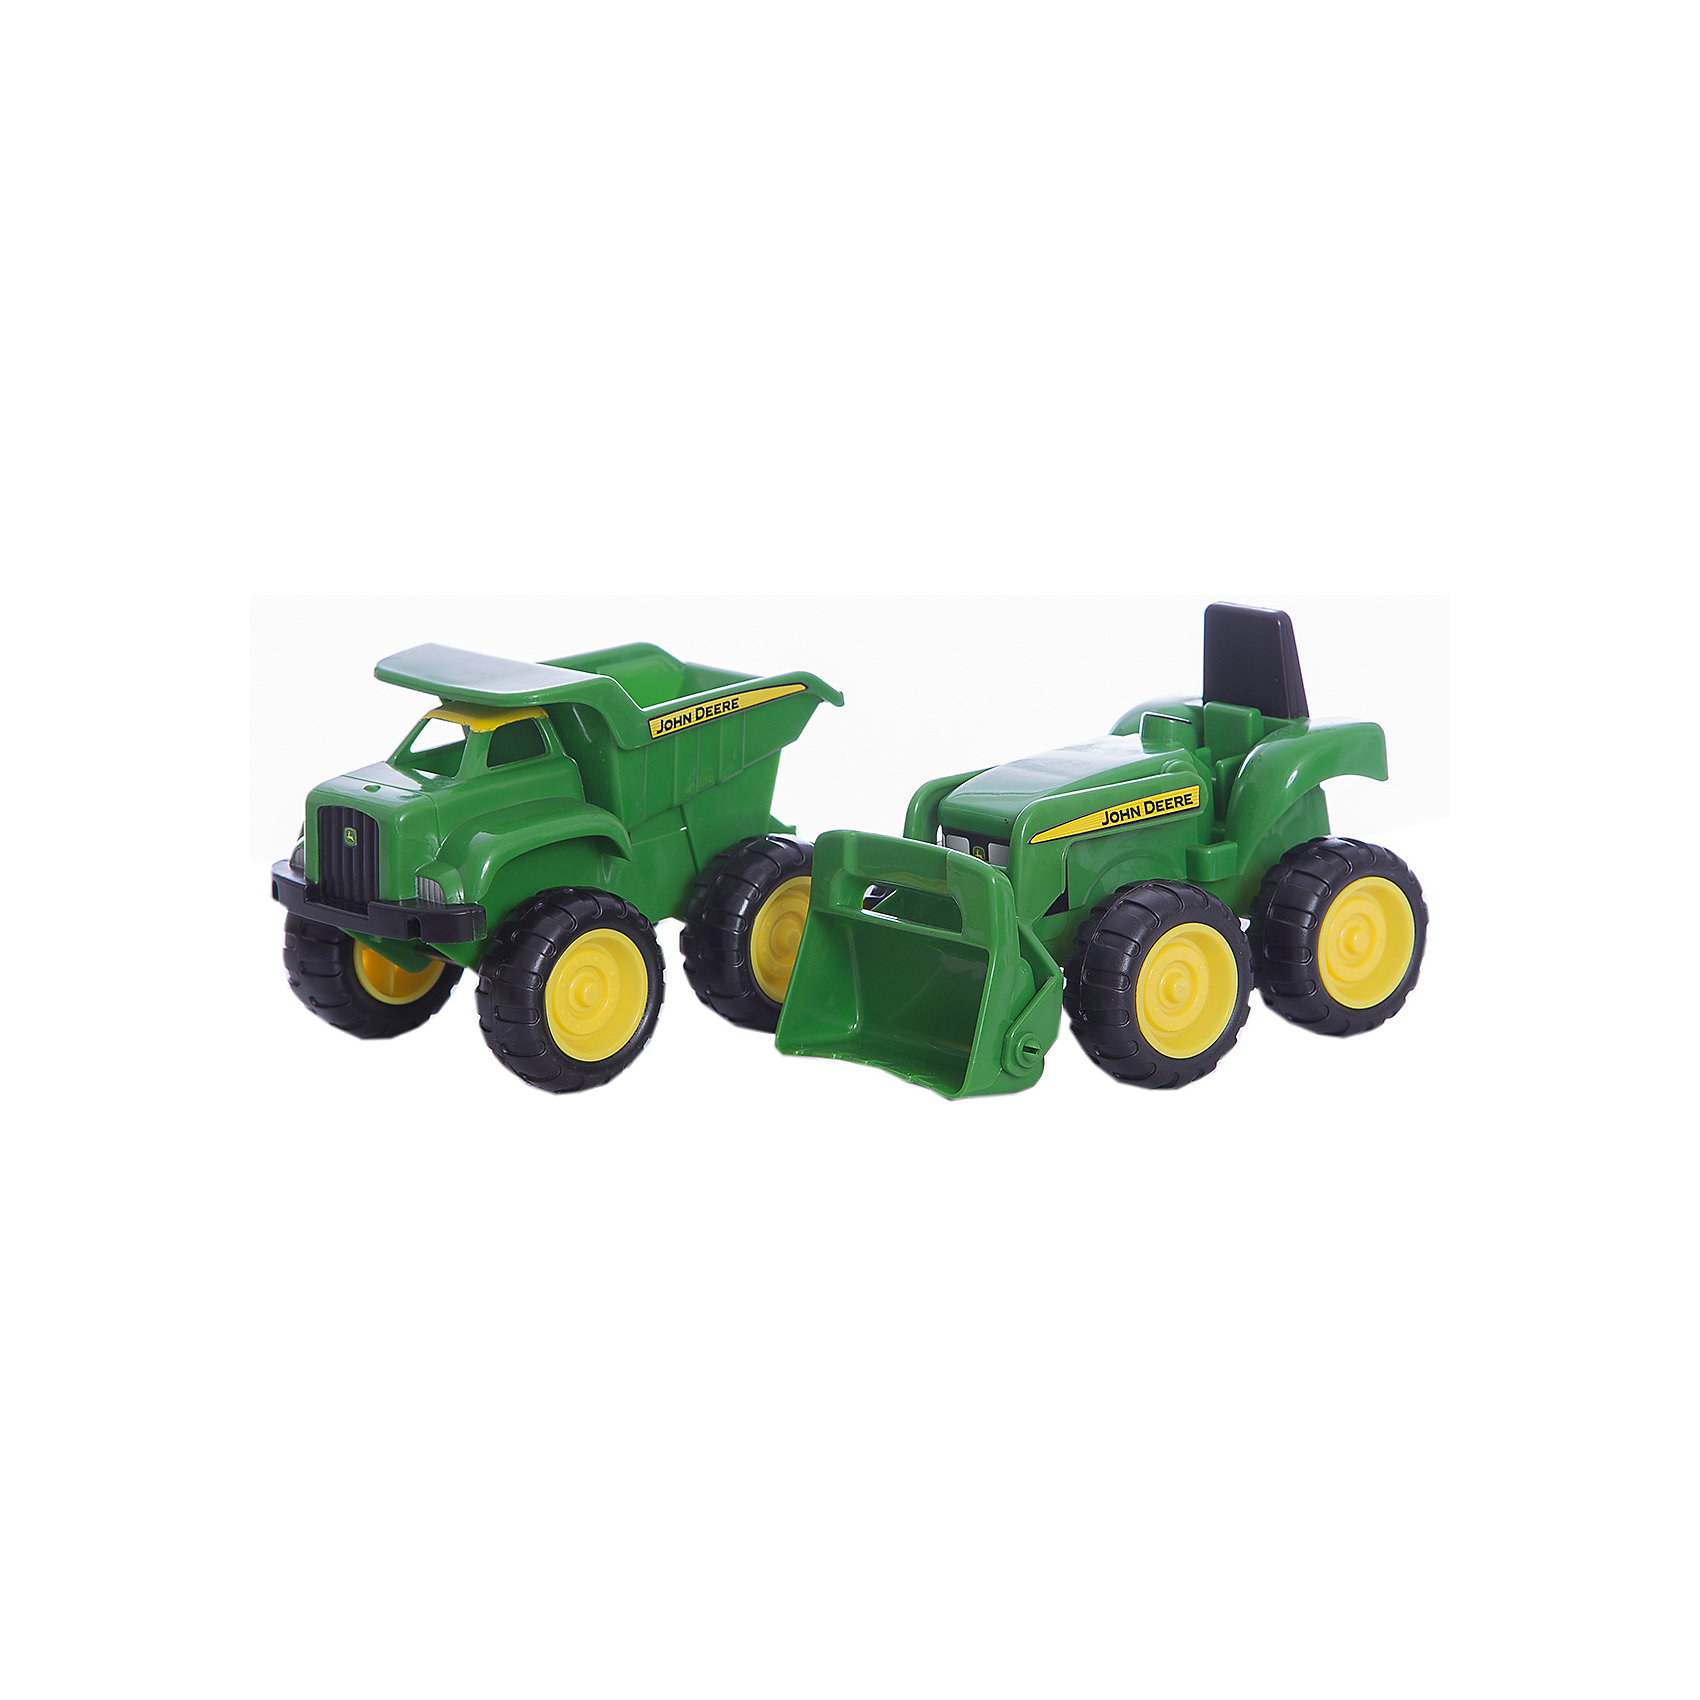 TOMY Набор для песочницы Трактор и самосвал John Deere, TOMY tomy britains трактор john deere 6210r